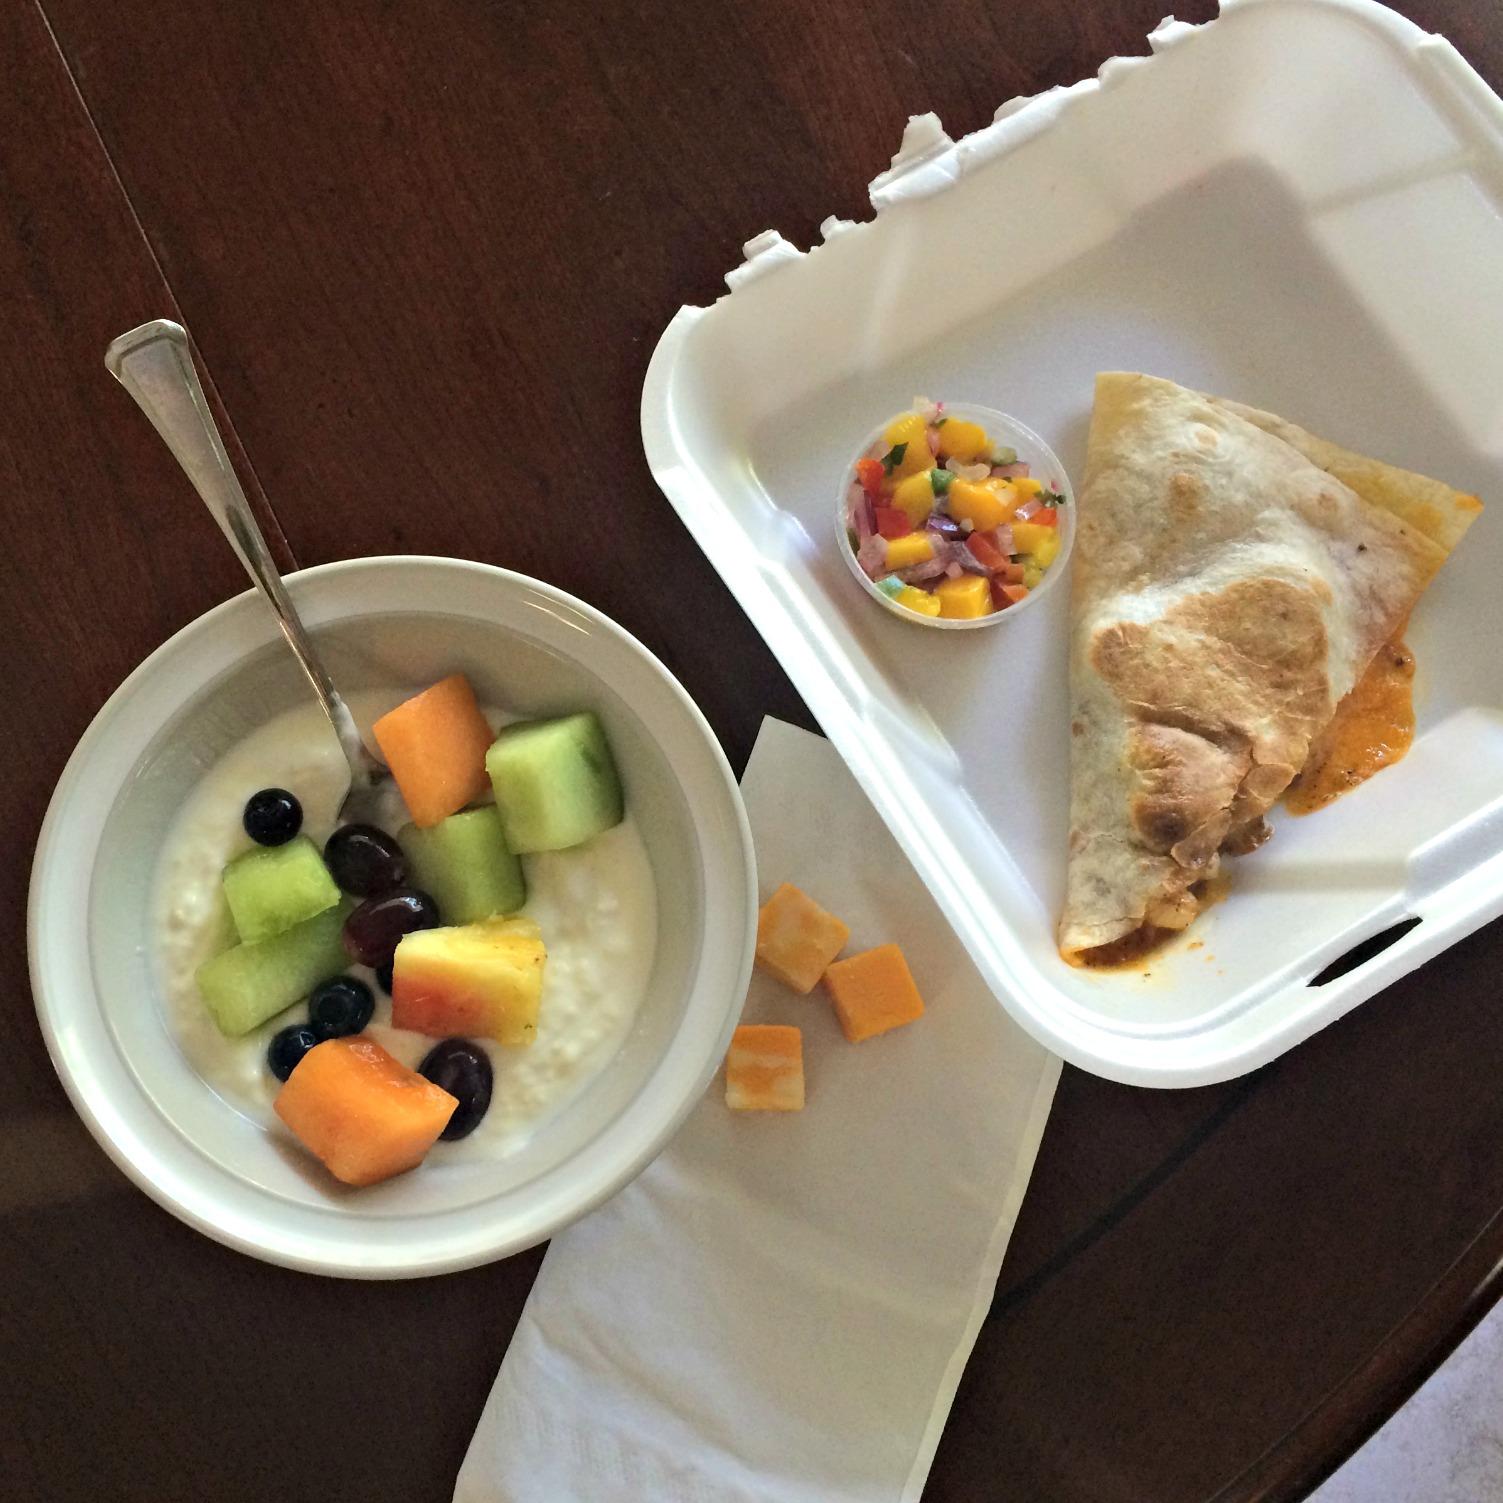 shrimp quesadilla with yogurt and fruit